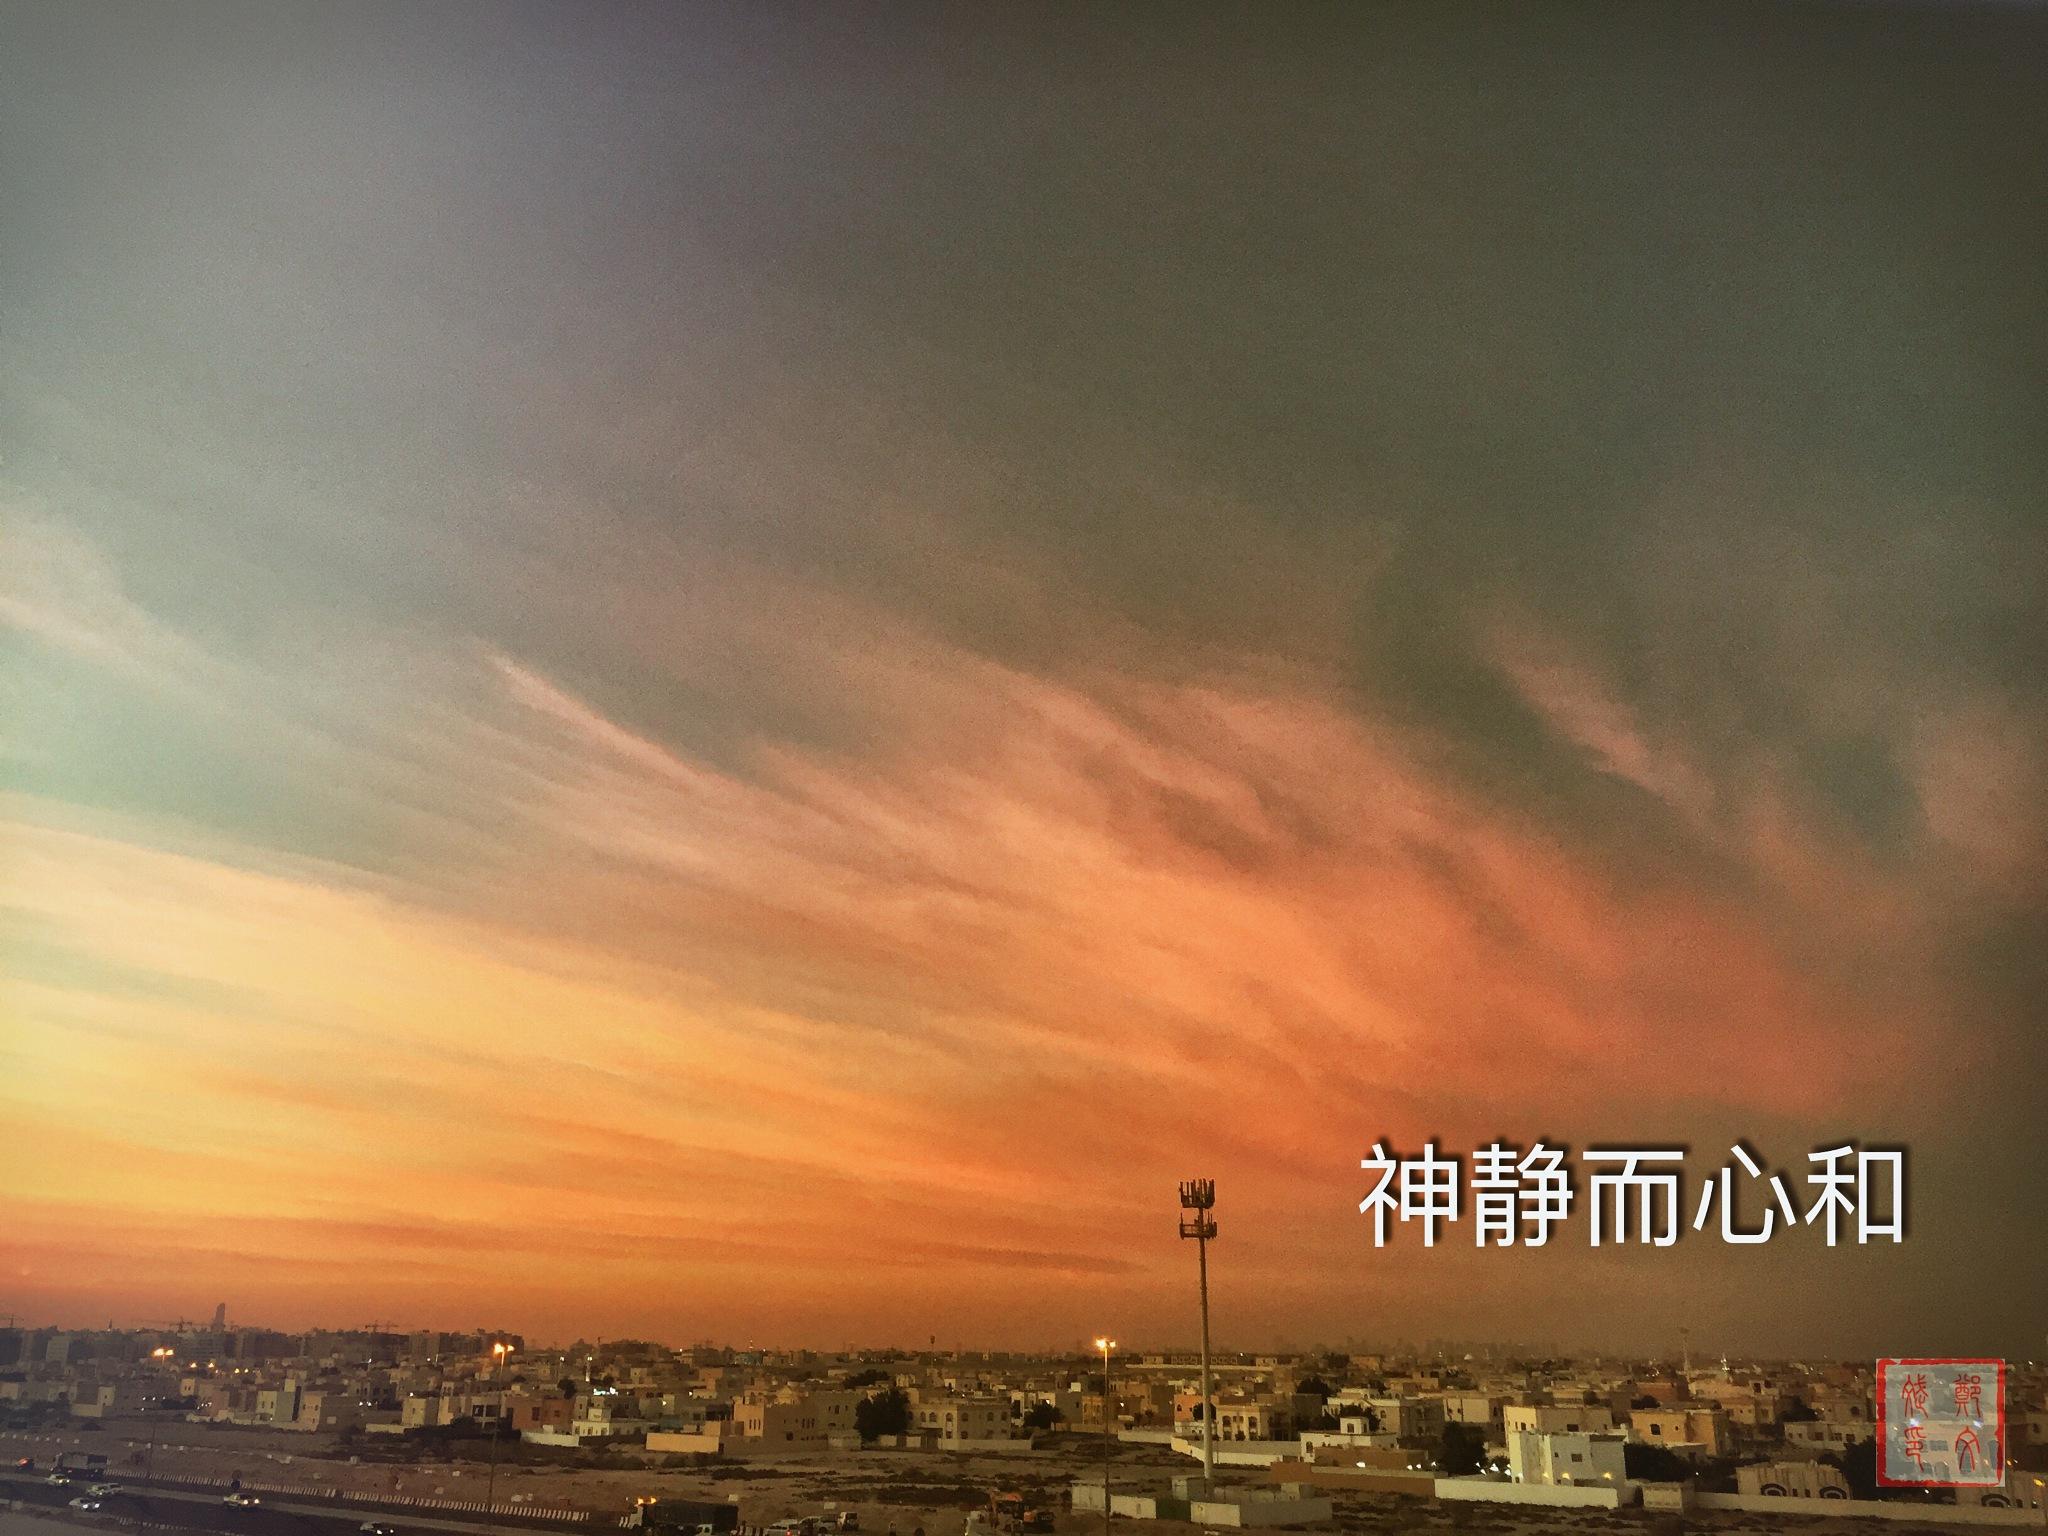 Untitled by Zheng